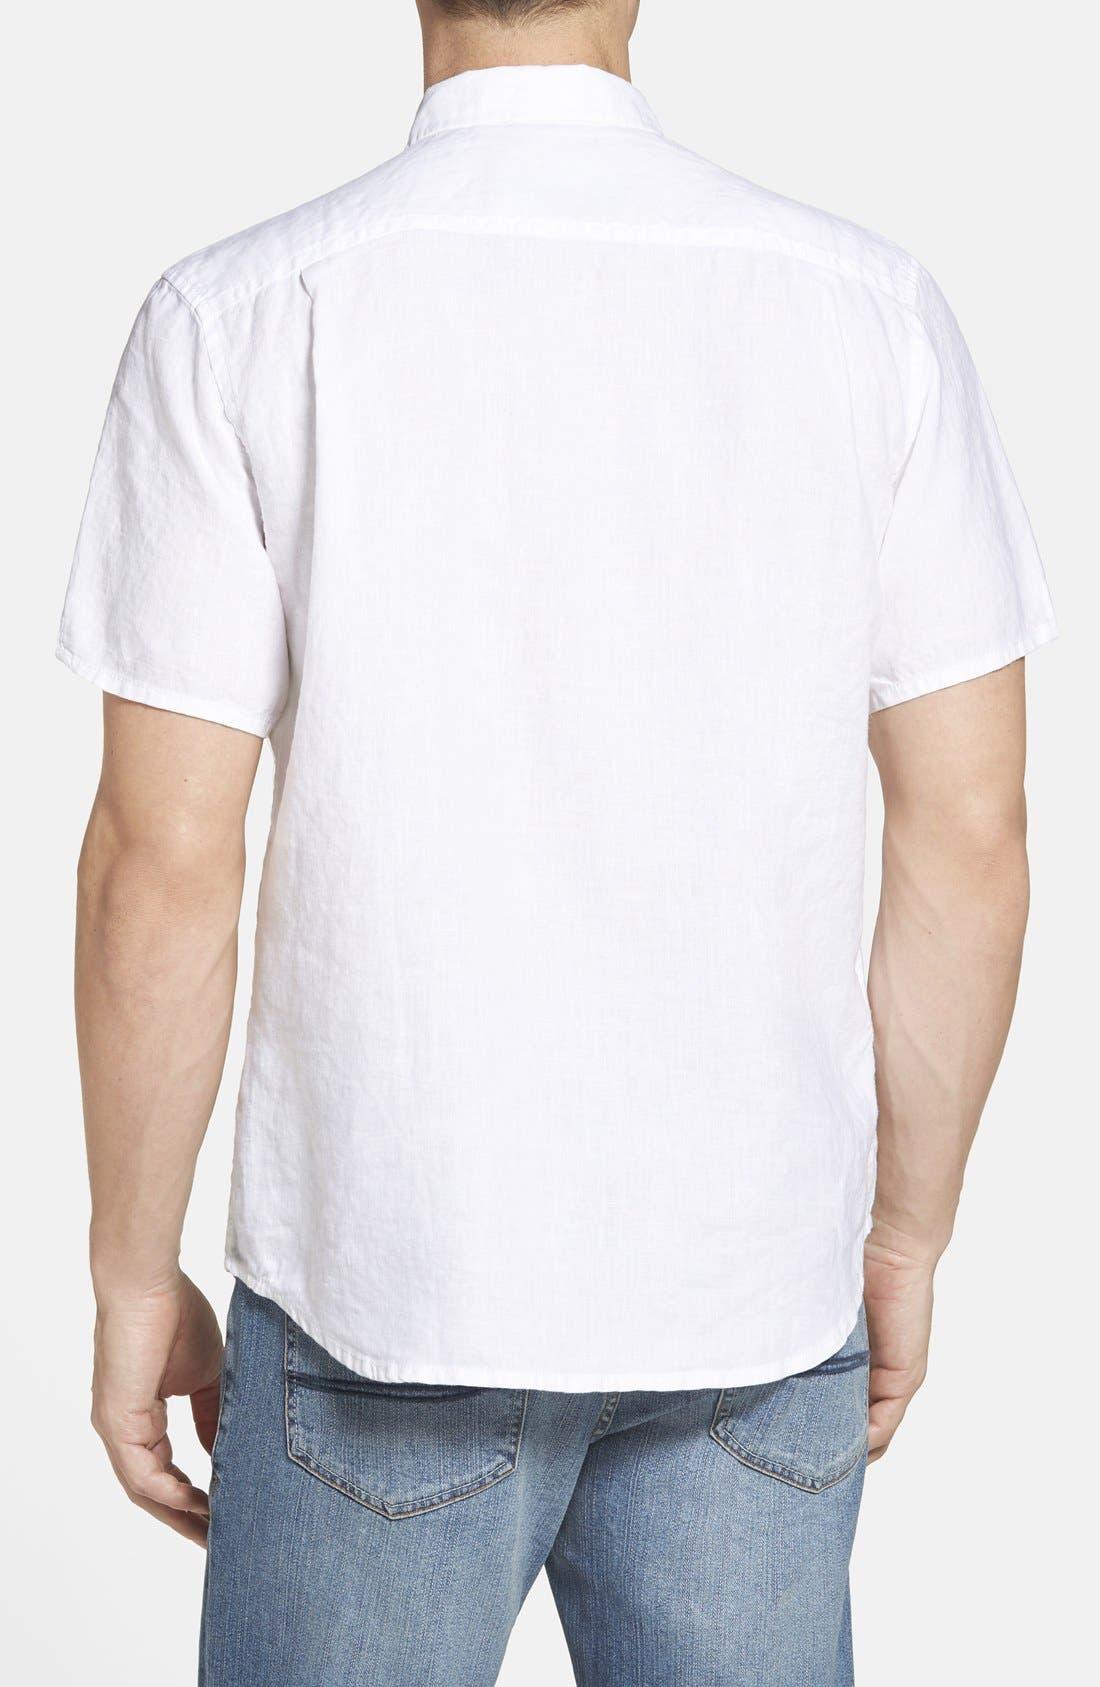 Seaglass Breezer Short Sleeve Linen Sport Shirt,                             Alternate thumbnail 2, color,                             100